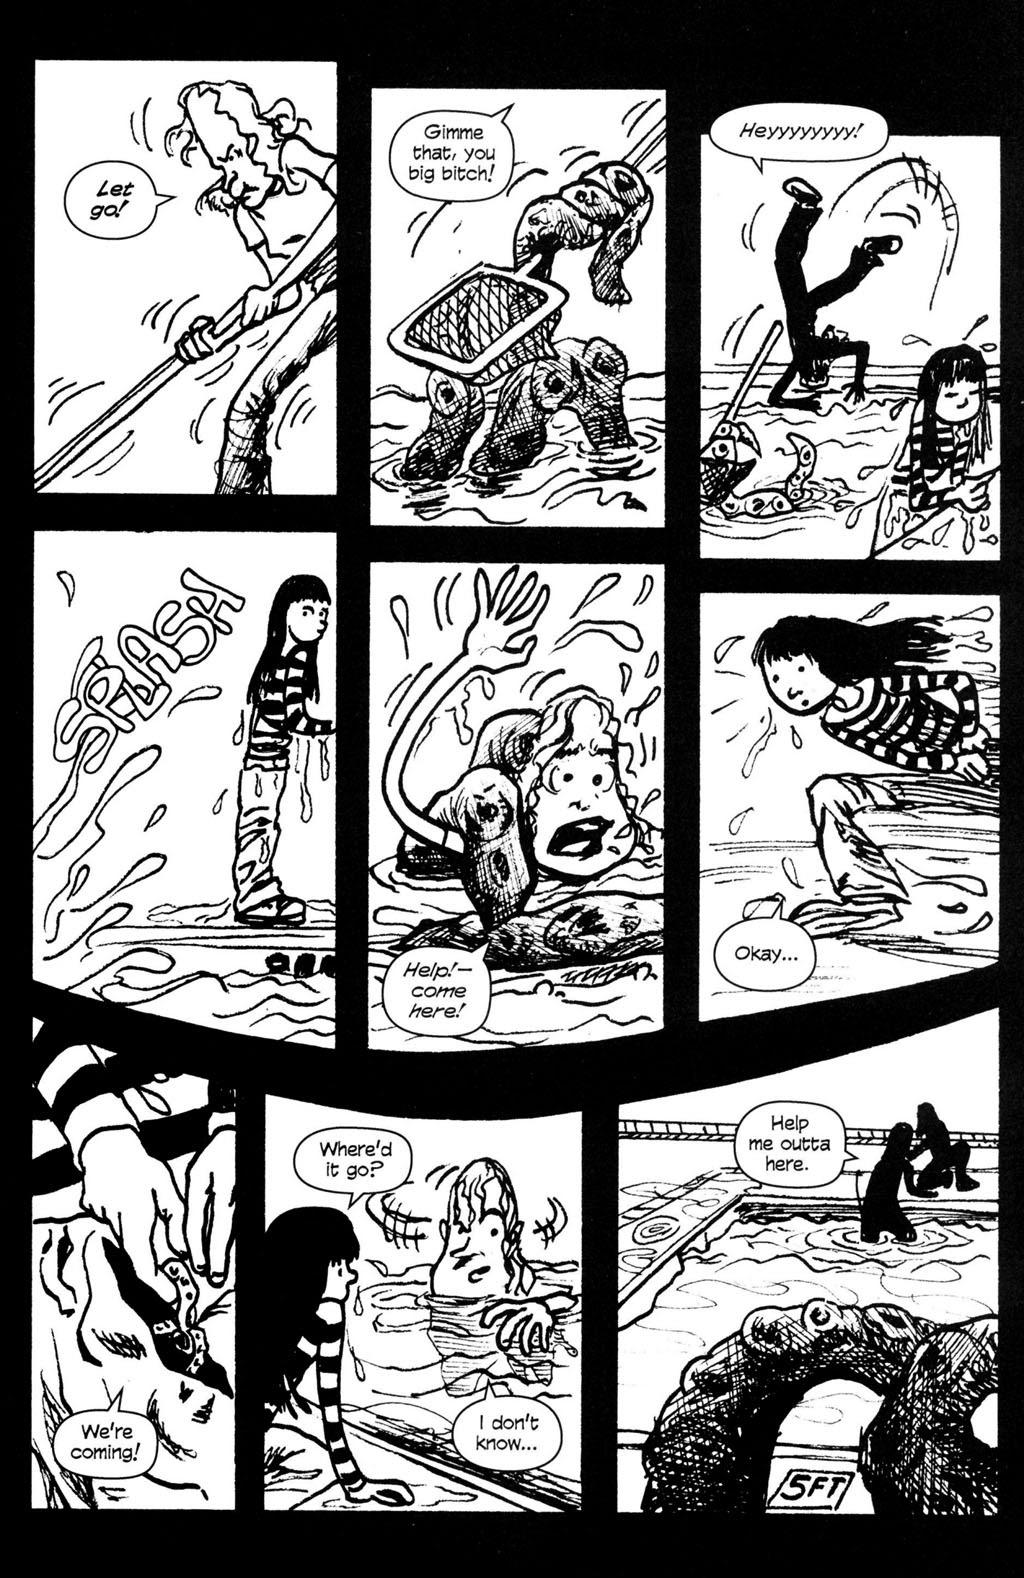 Read online Ojo comic -  Issue #4 - 15